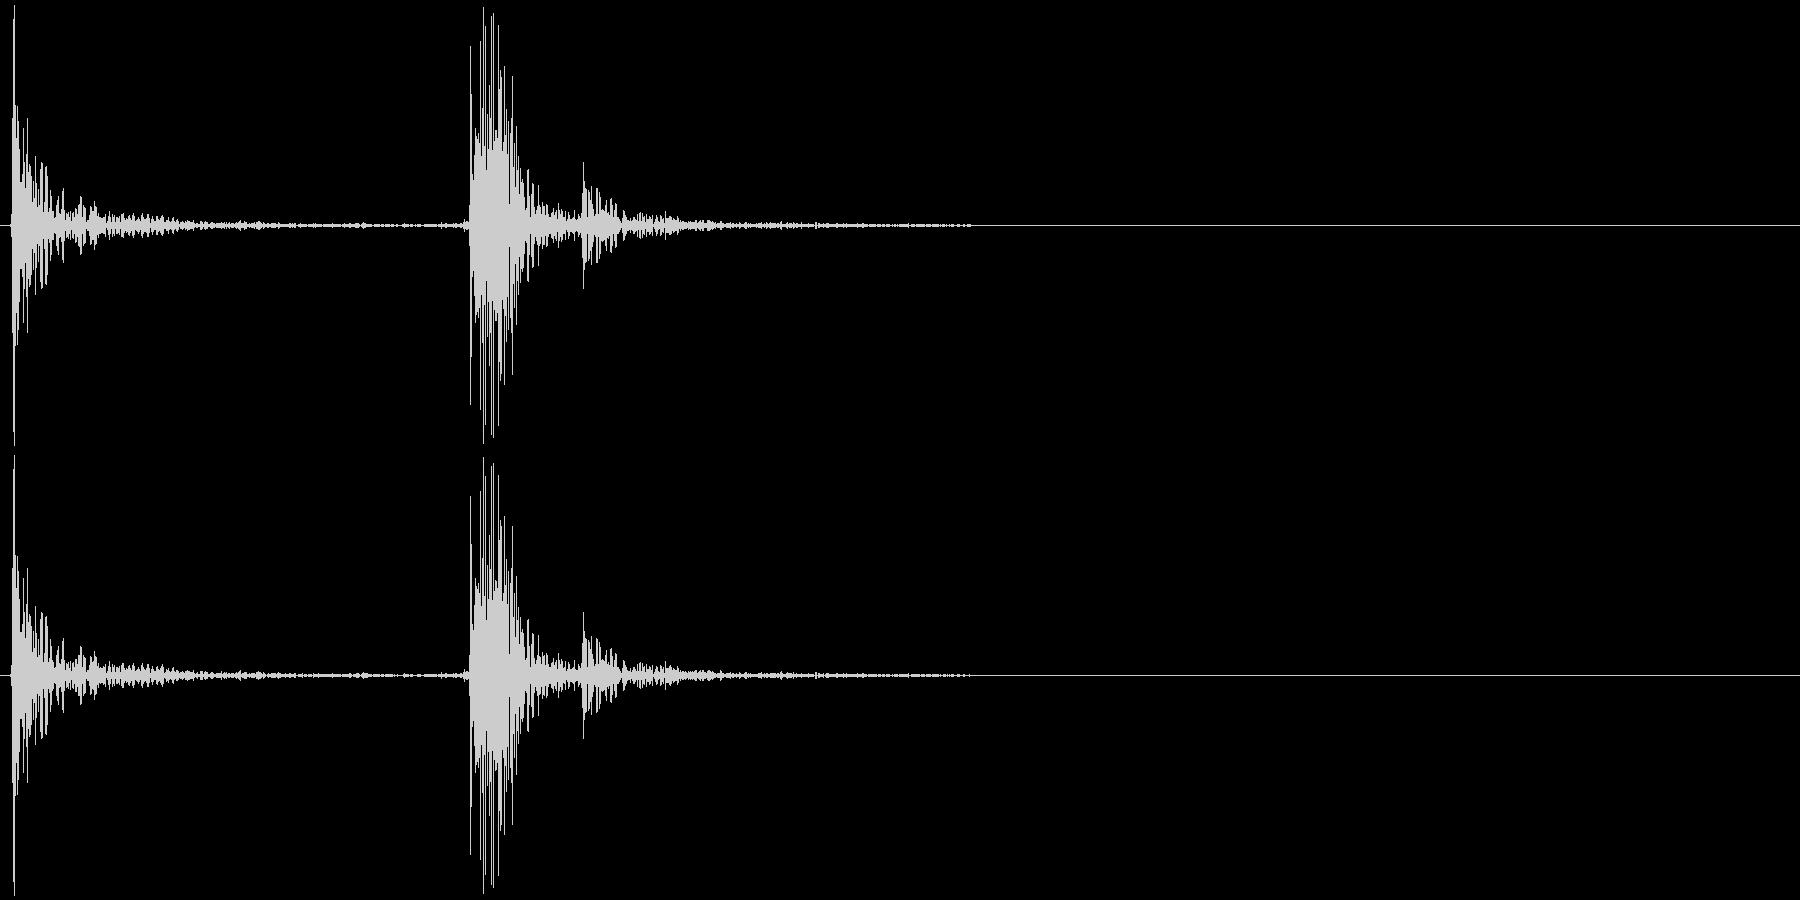 カタッ カチャッ パタッ 物を置く音の未再生の波形